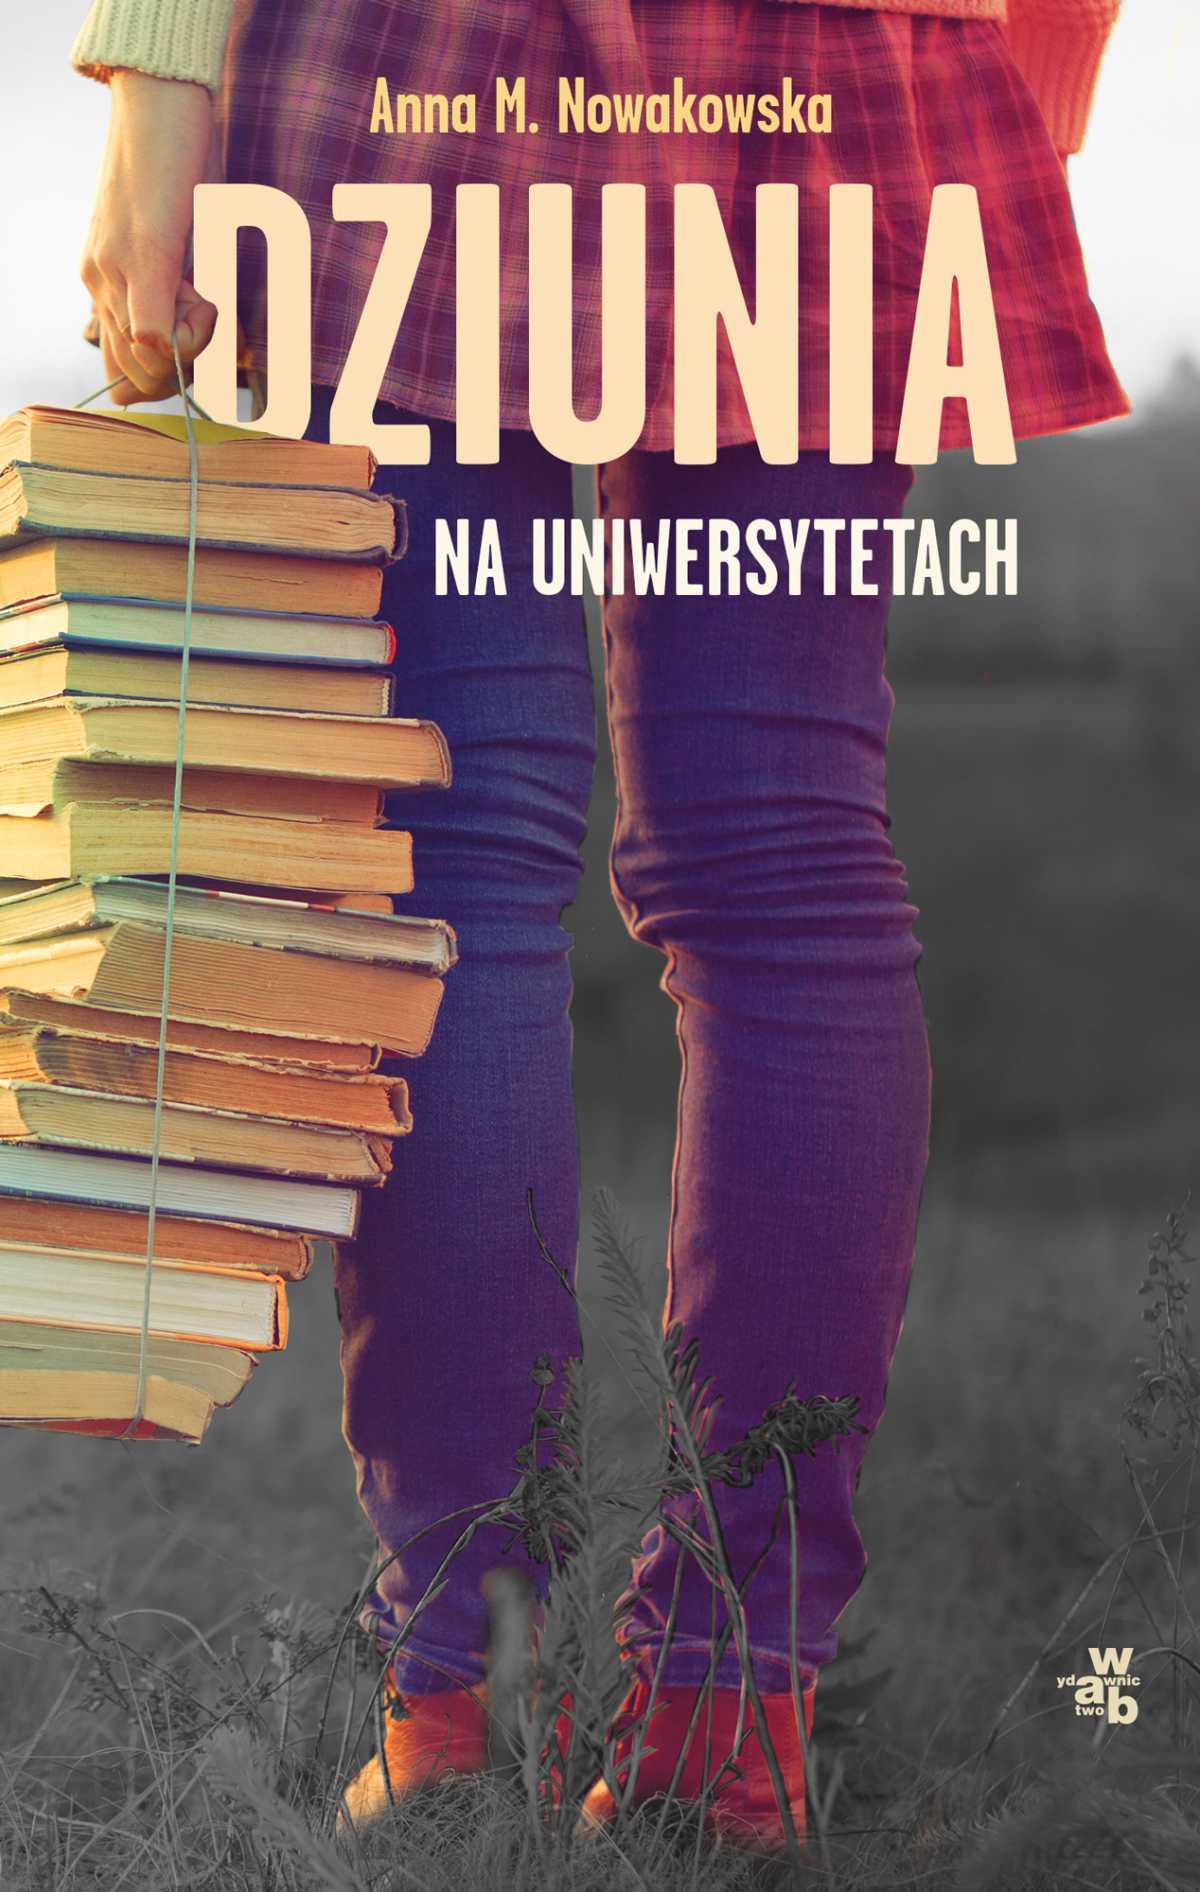 Dziunia na uniwersytetach - Ebook (Książka na Kindle) do pobrania w formacie MOBI